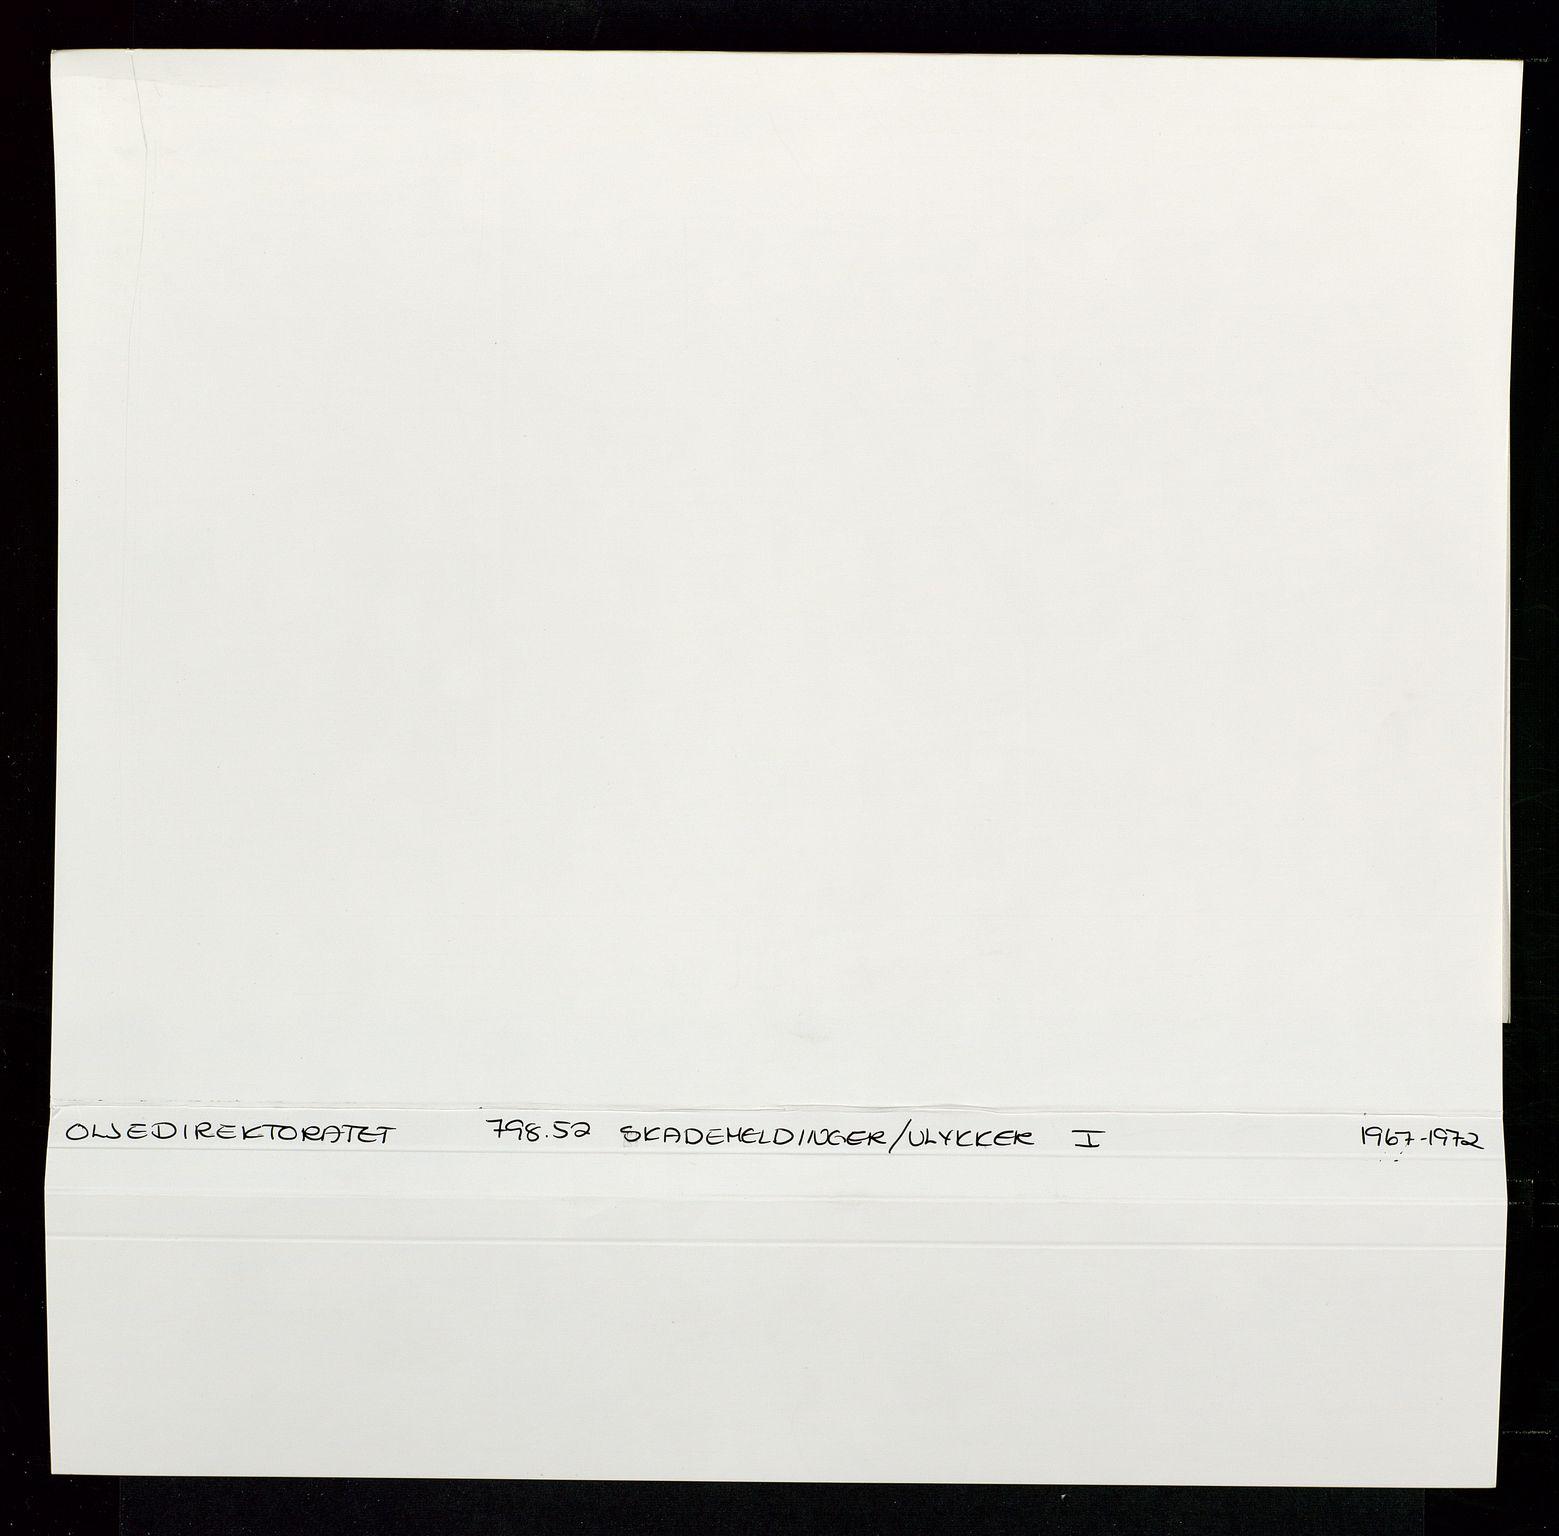 SAST, Industridepartementet, Oljekontoret, Da/L0012: Arkivnøkkel 798 Helikopter, luftfart, telekommunikasjon og skademeldinger/ulykker, 1966-1972, s. 409